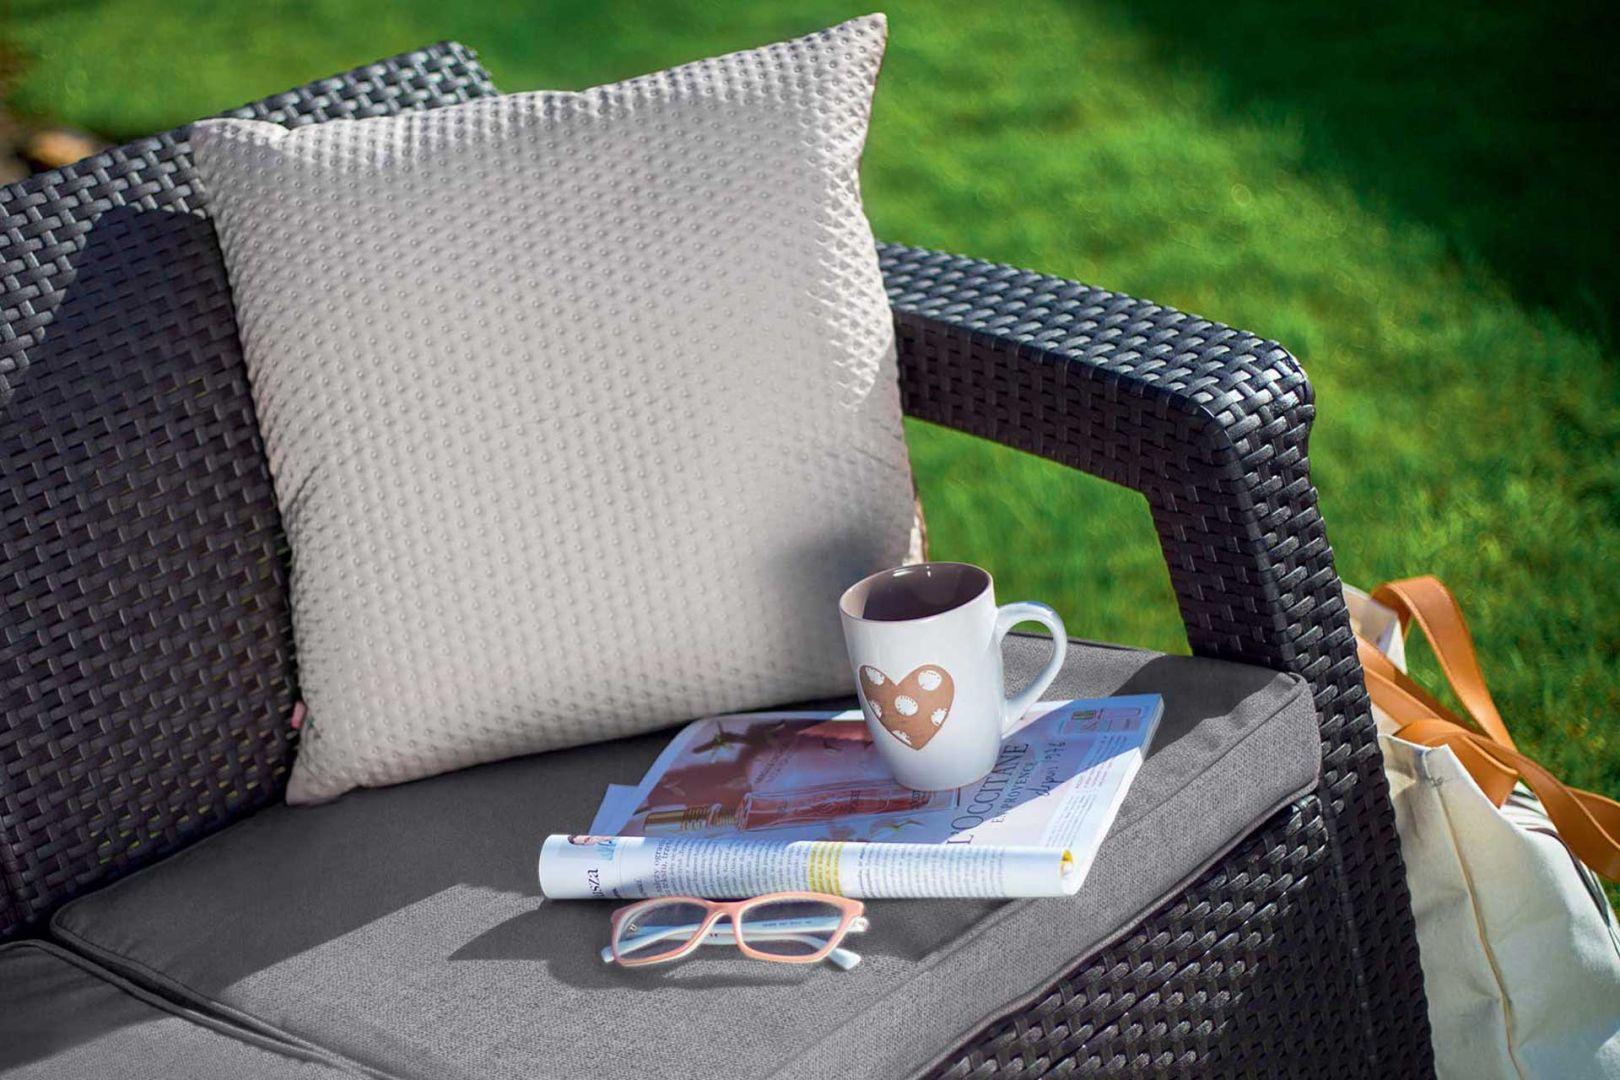 Poduszki na zewnątrz powinny być uszyte z syntetycznych, poliestrowych tkanin odpornych na zaplamienia i na warunki atmosferyczne. Fot. mat. prasowe Keter